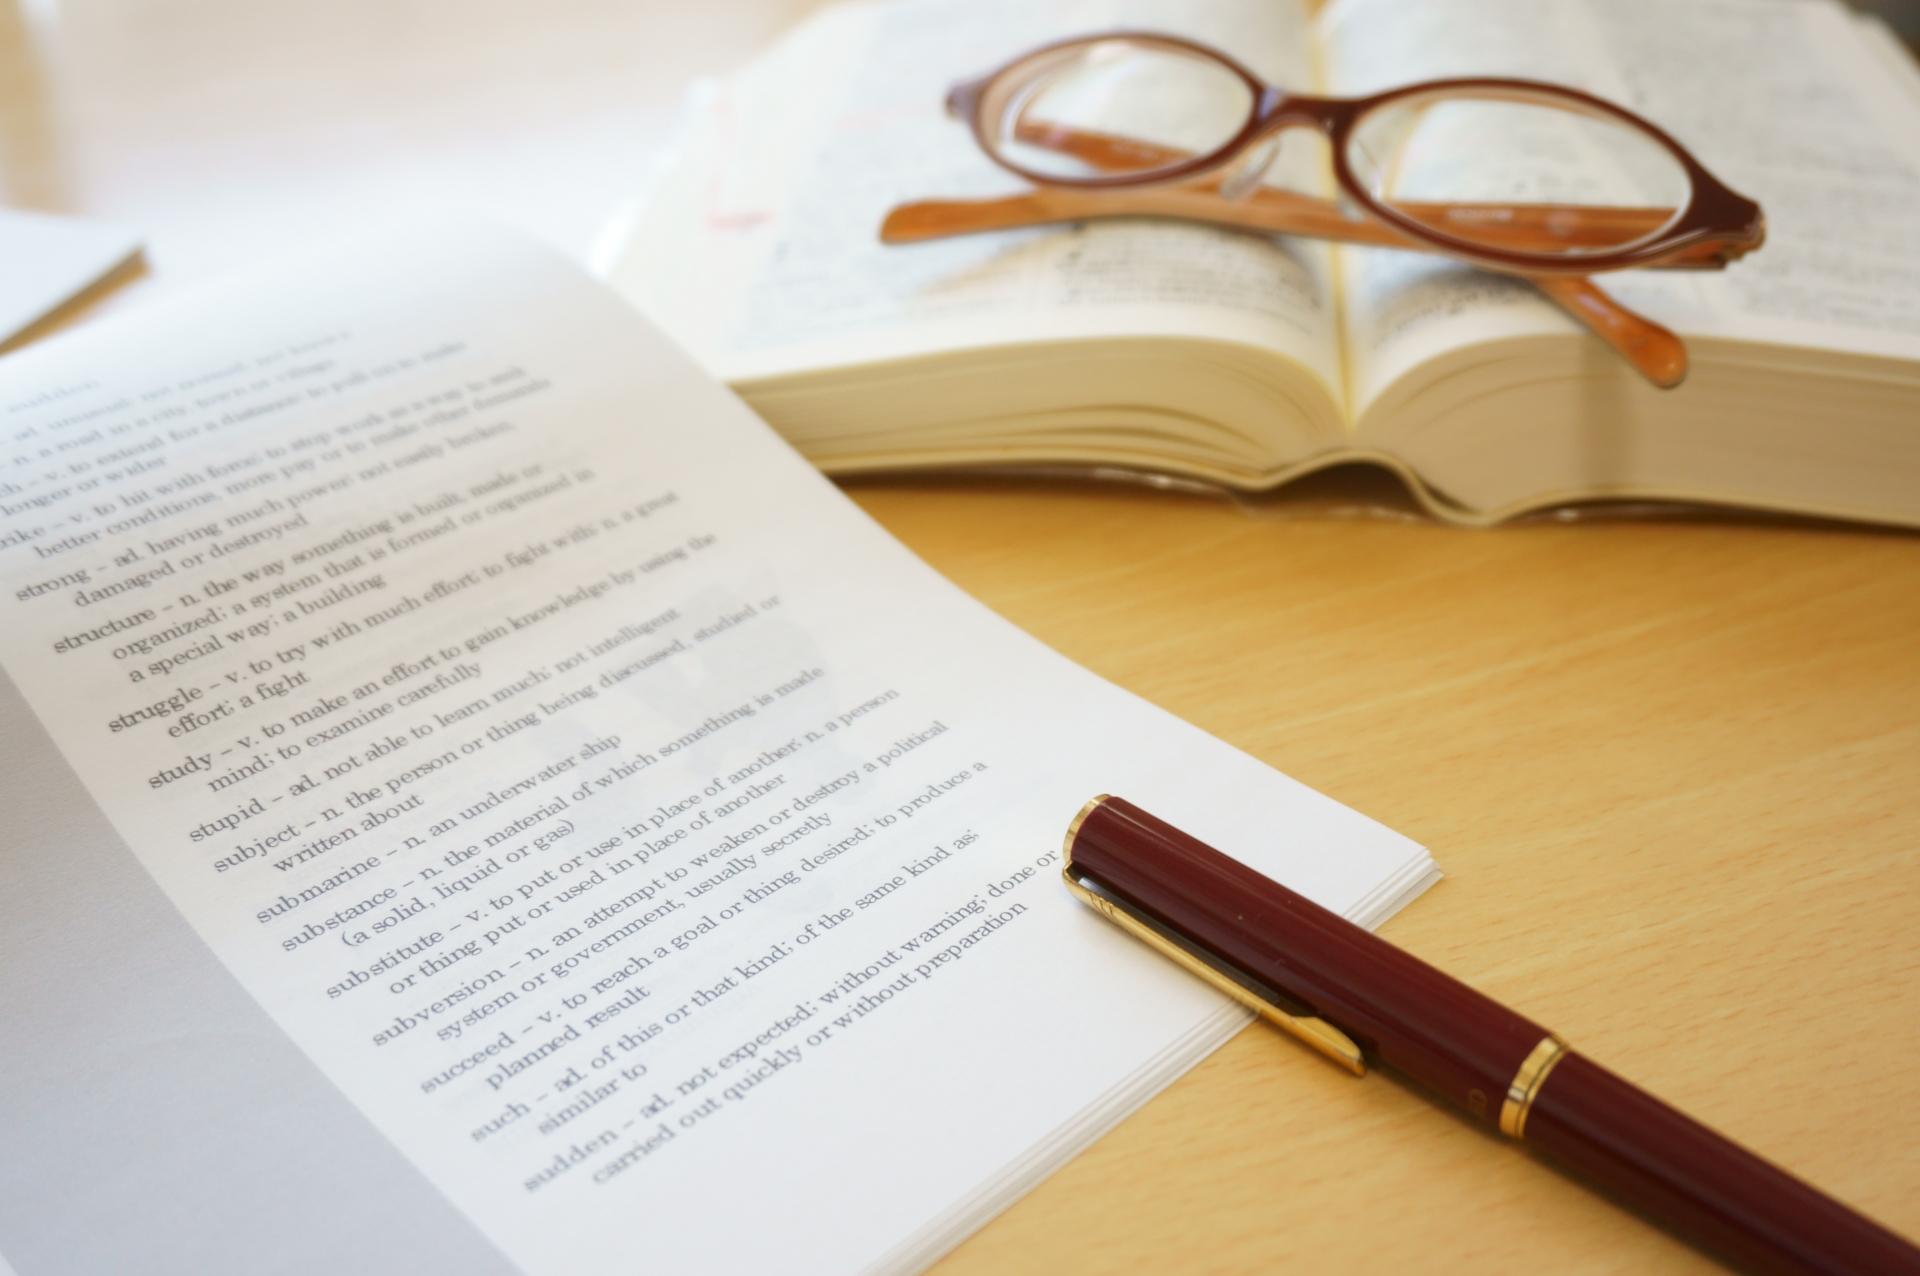 ヘミング ウェイ で 学ぶ 英文 法